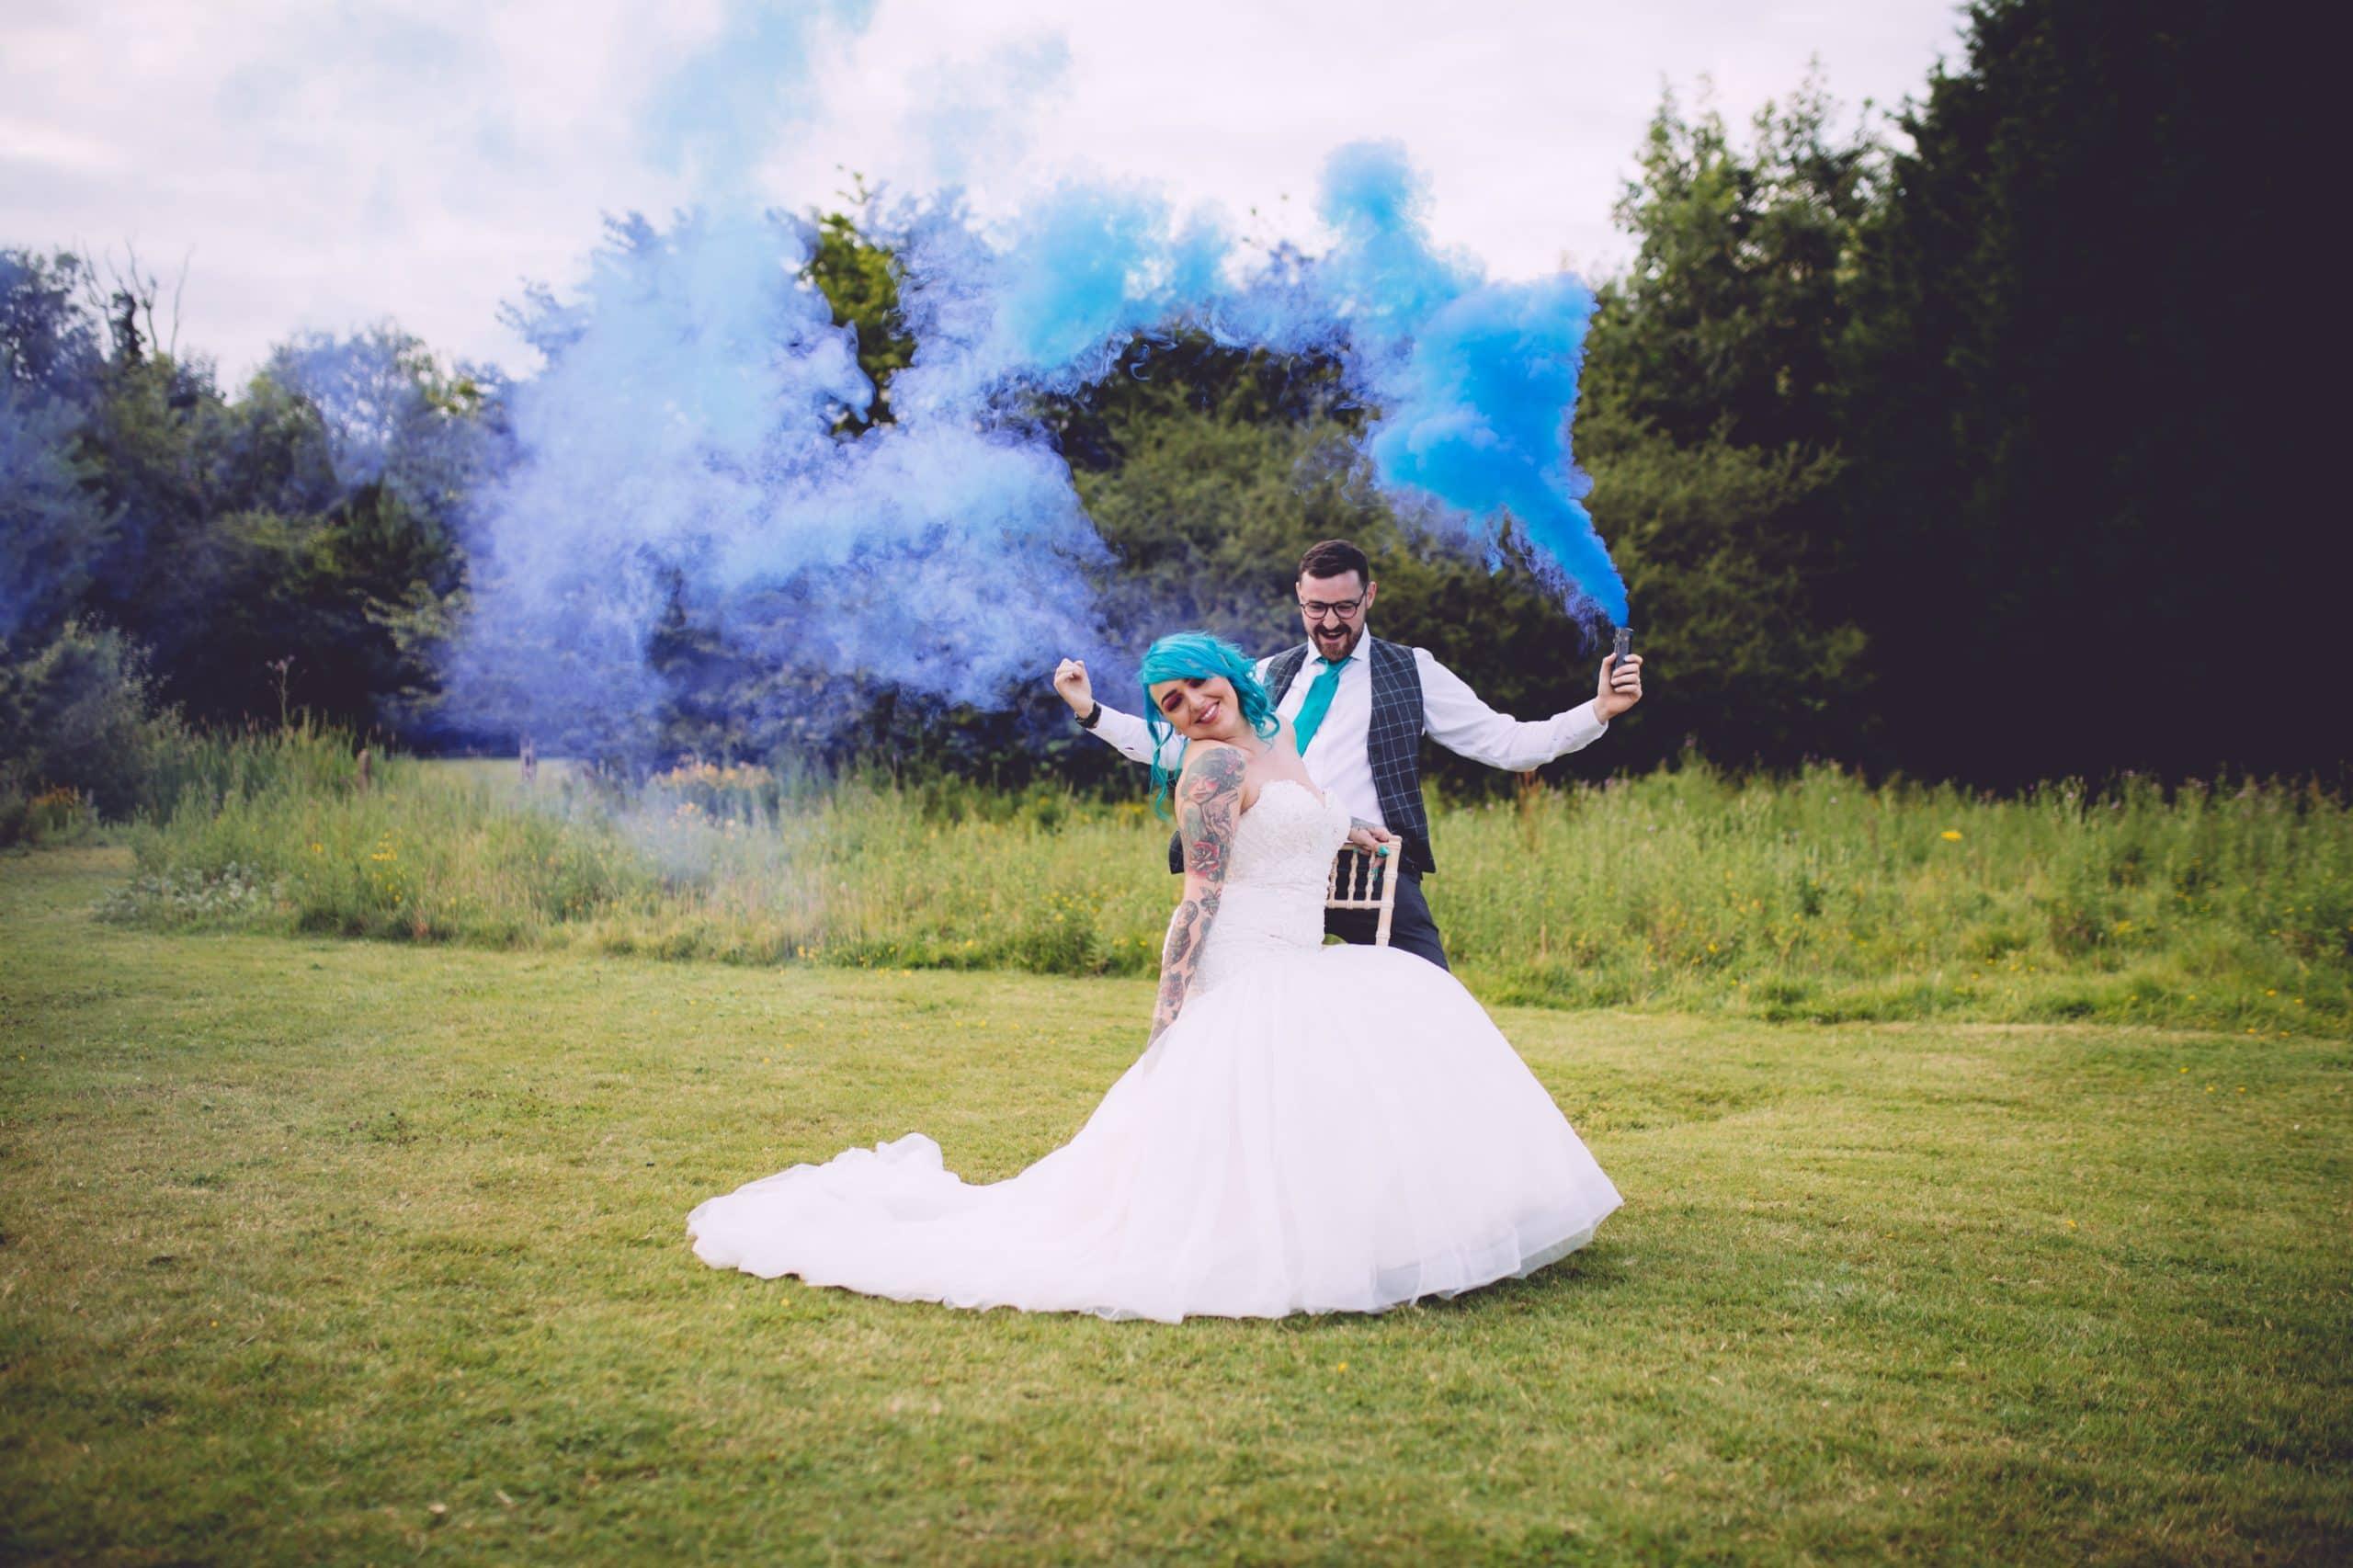 Westmead Outdoor Wedding Venue